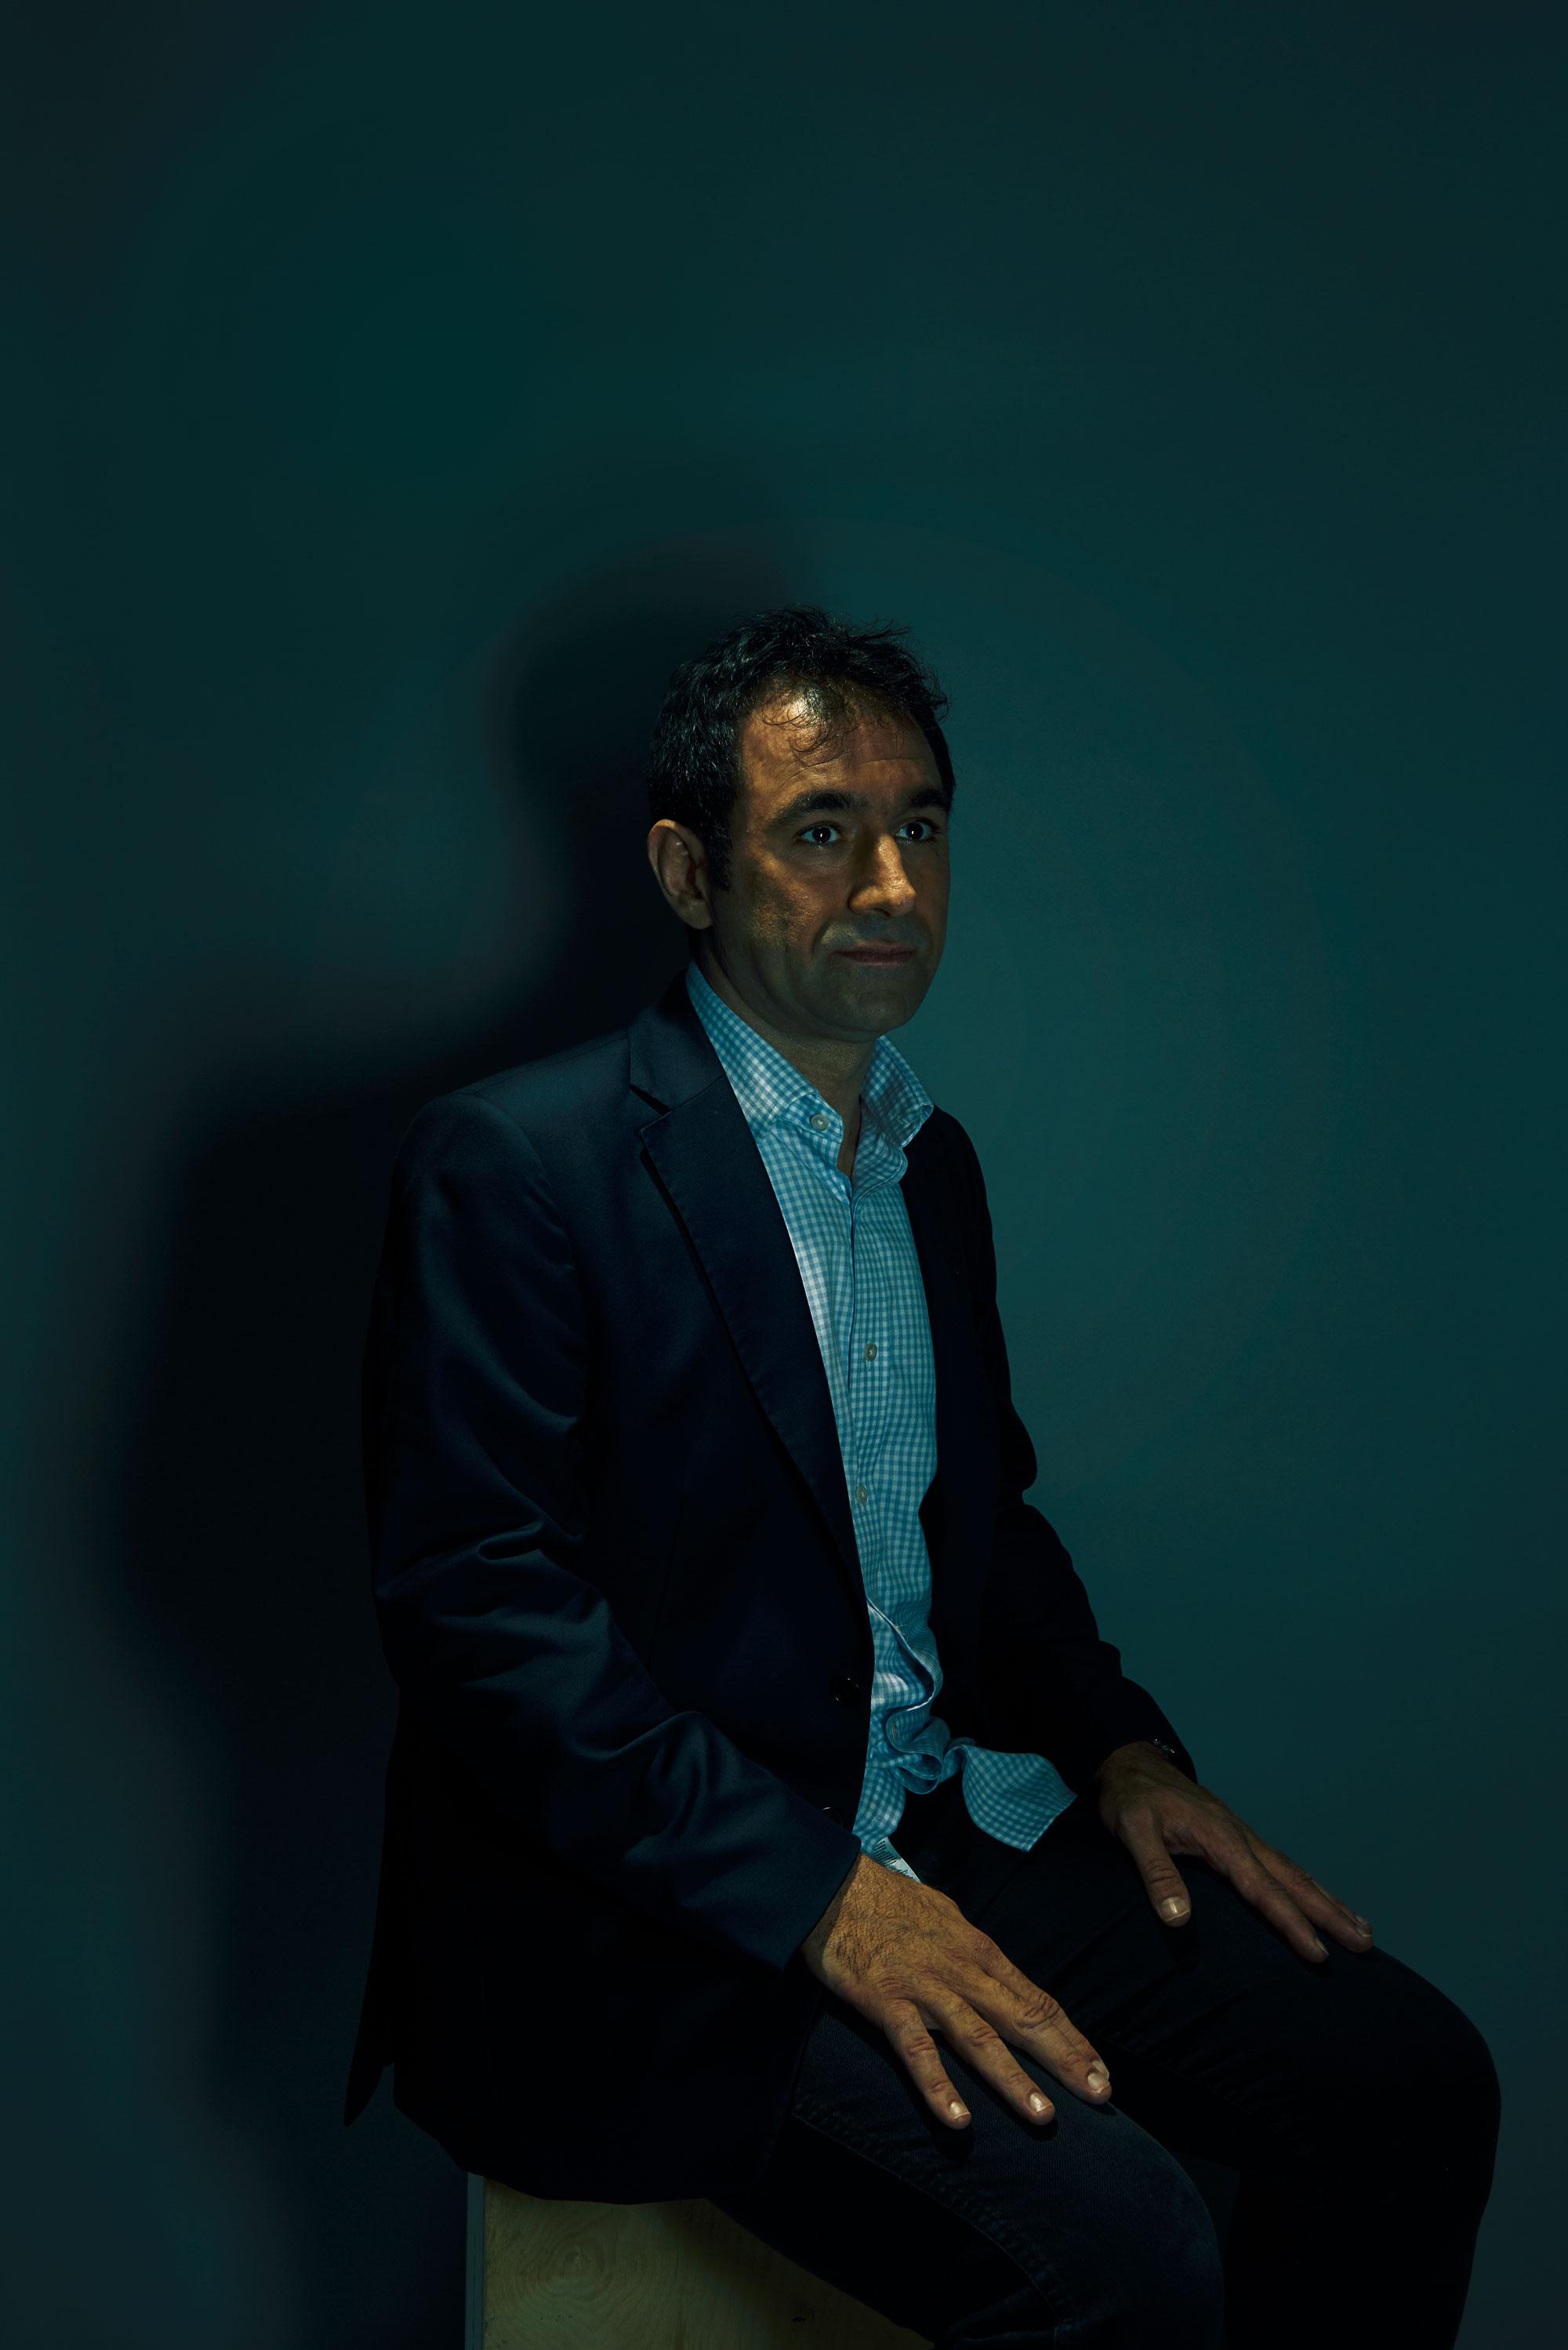 Hossein Rahnama